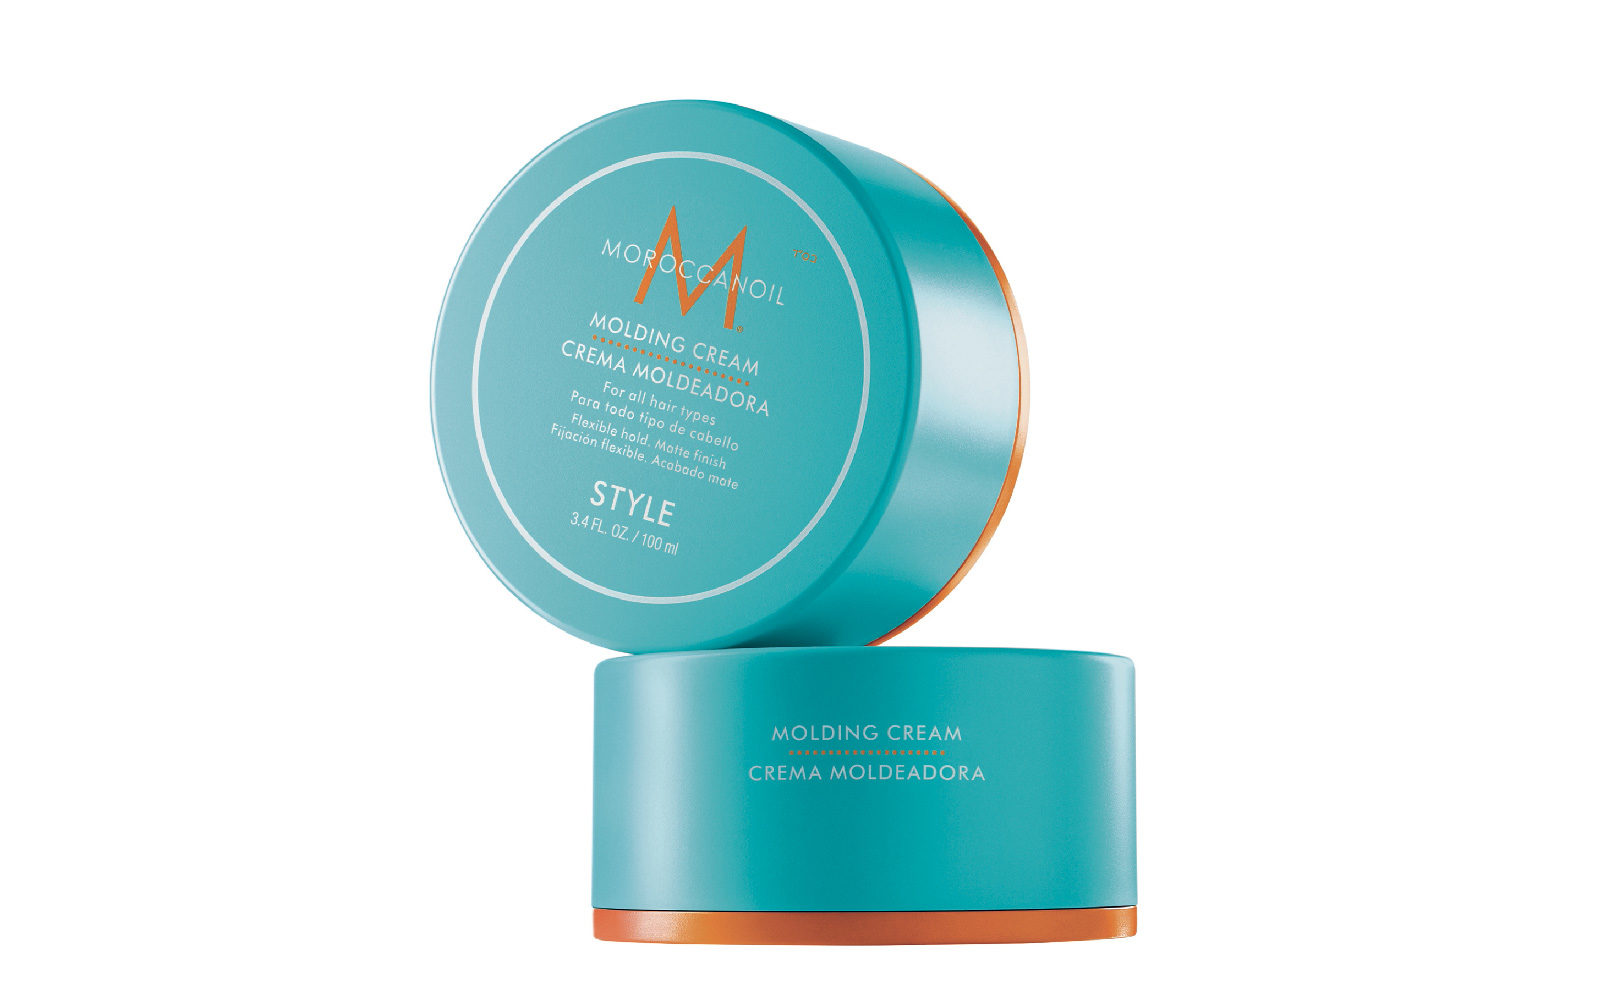 Moroccanoil Molding Cream cura i capelli e al tempo stesso conferisce tenuta flessibile, per garantire uno stile perfetto (salone, 30,45 euro).